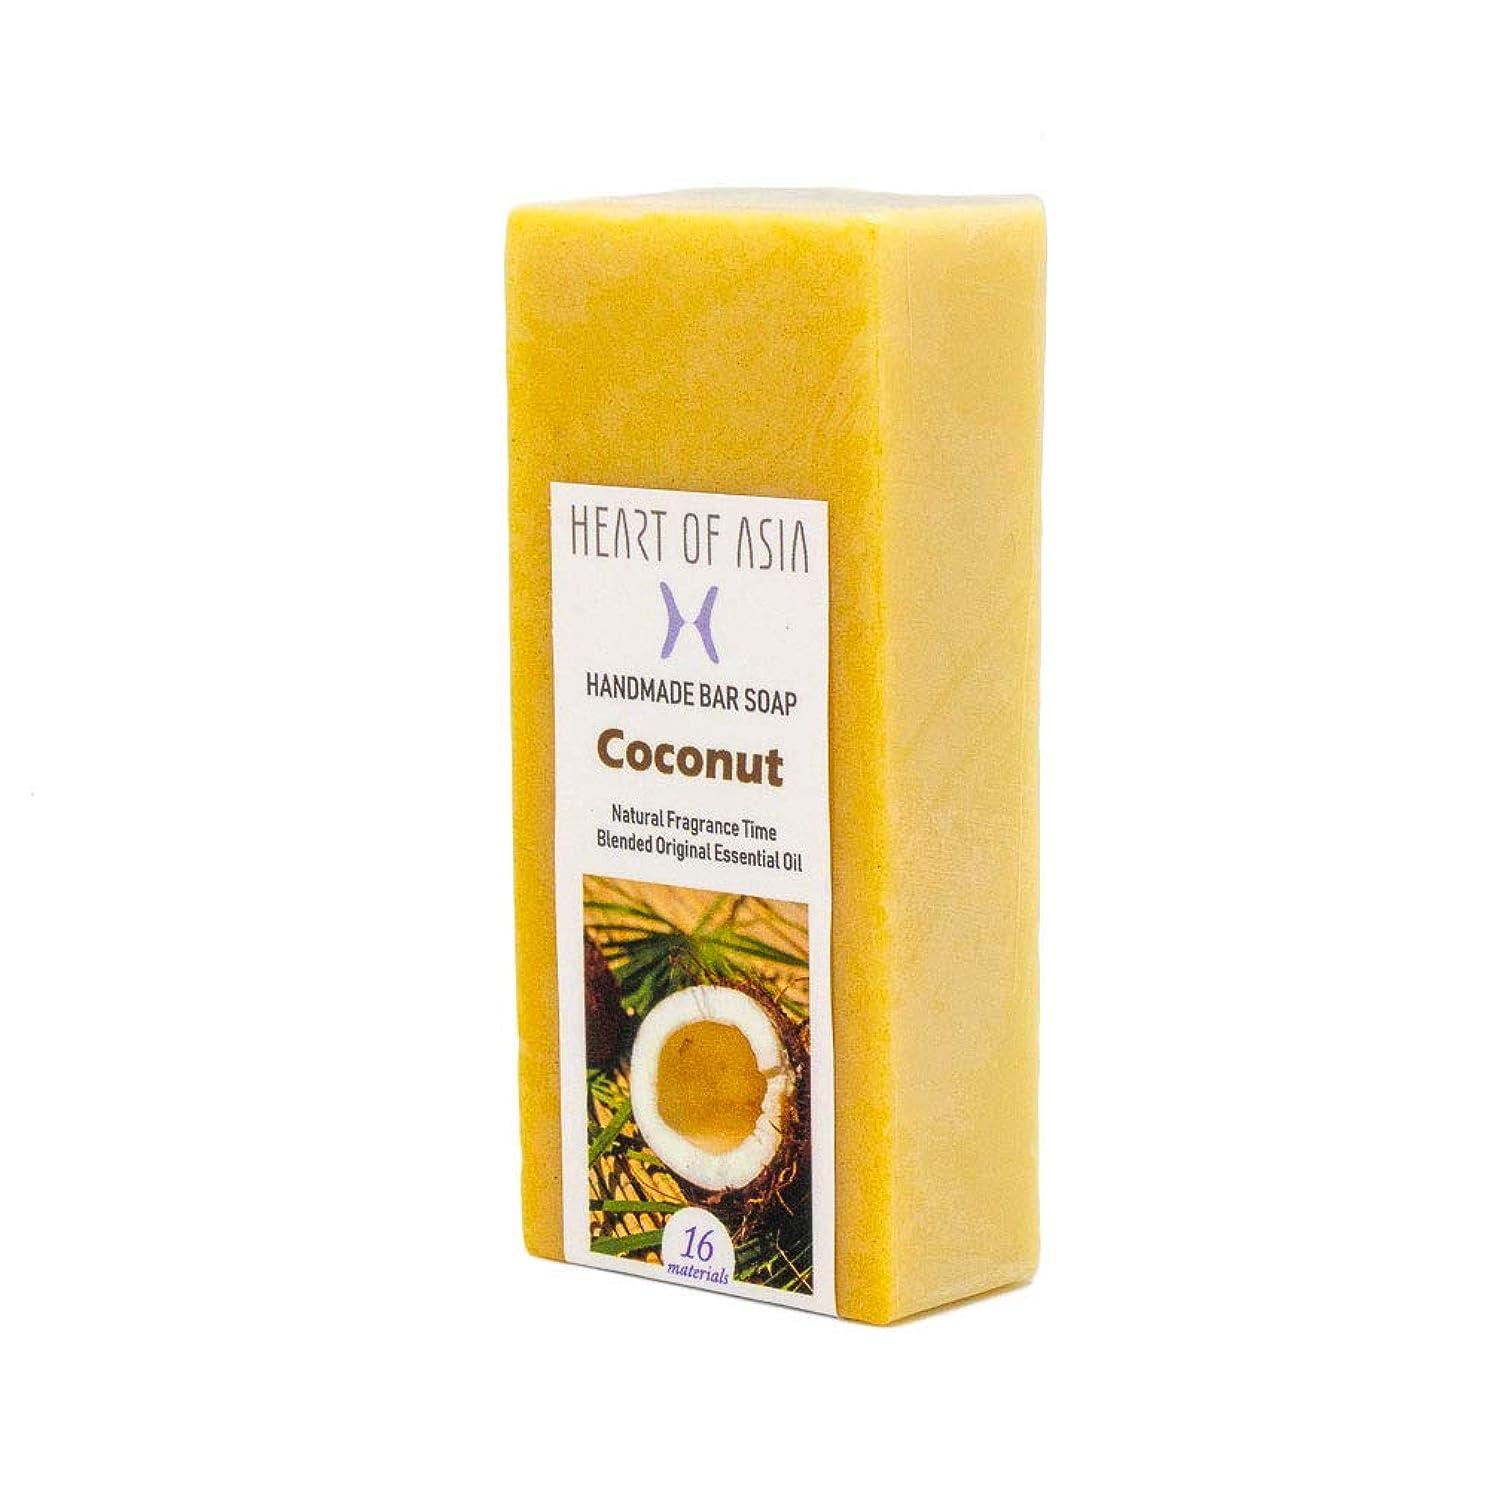 マトロンまどろみのある準備ができて香水のようなフレグランス石けん HANDMADE BAR SOAP ~Coconut ~ (単品)